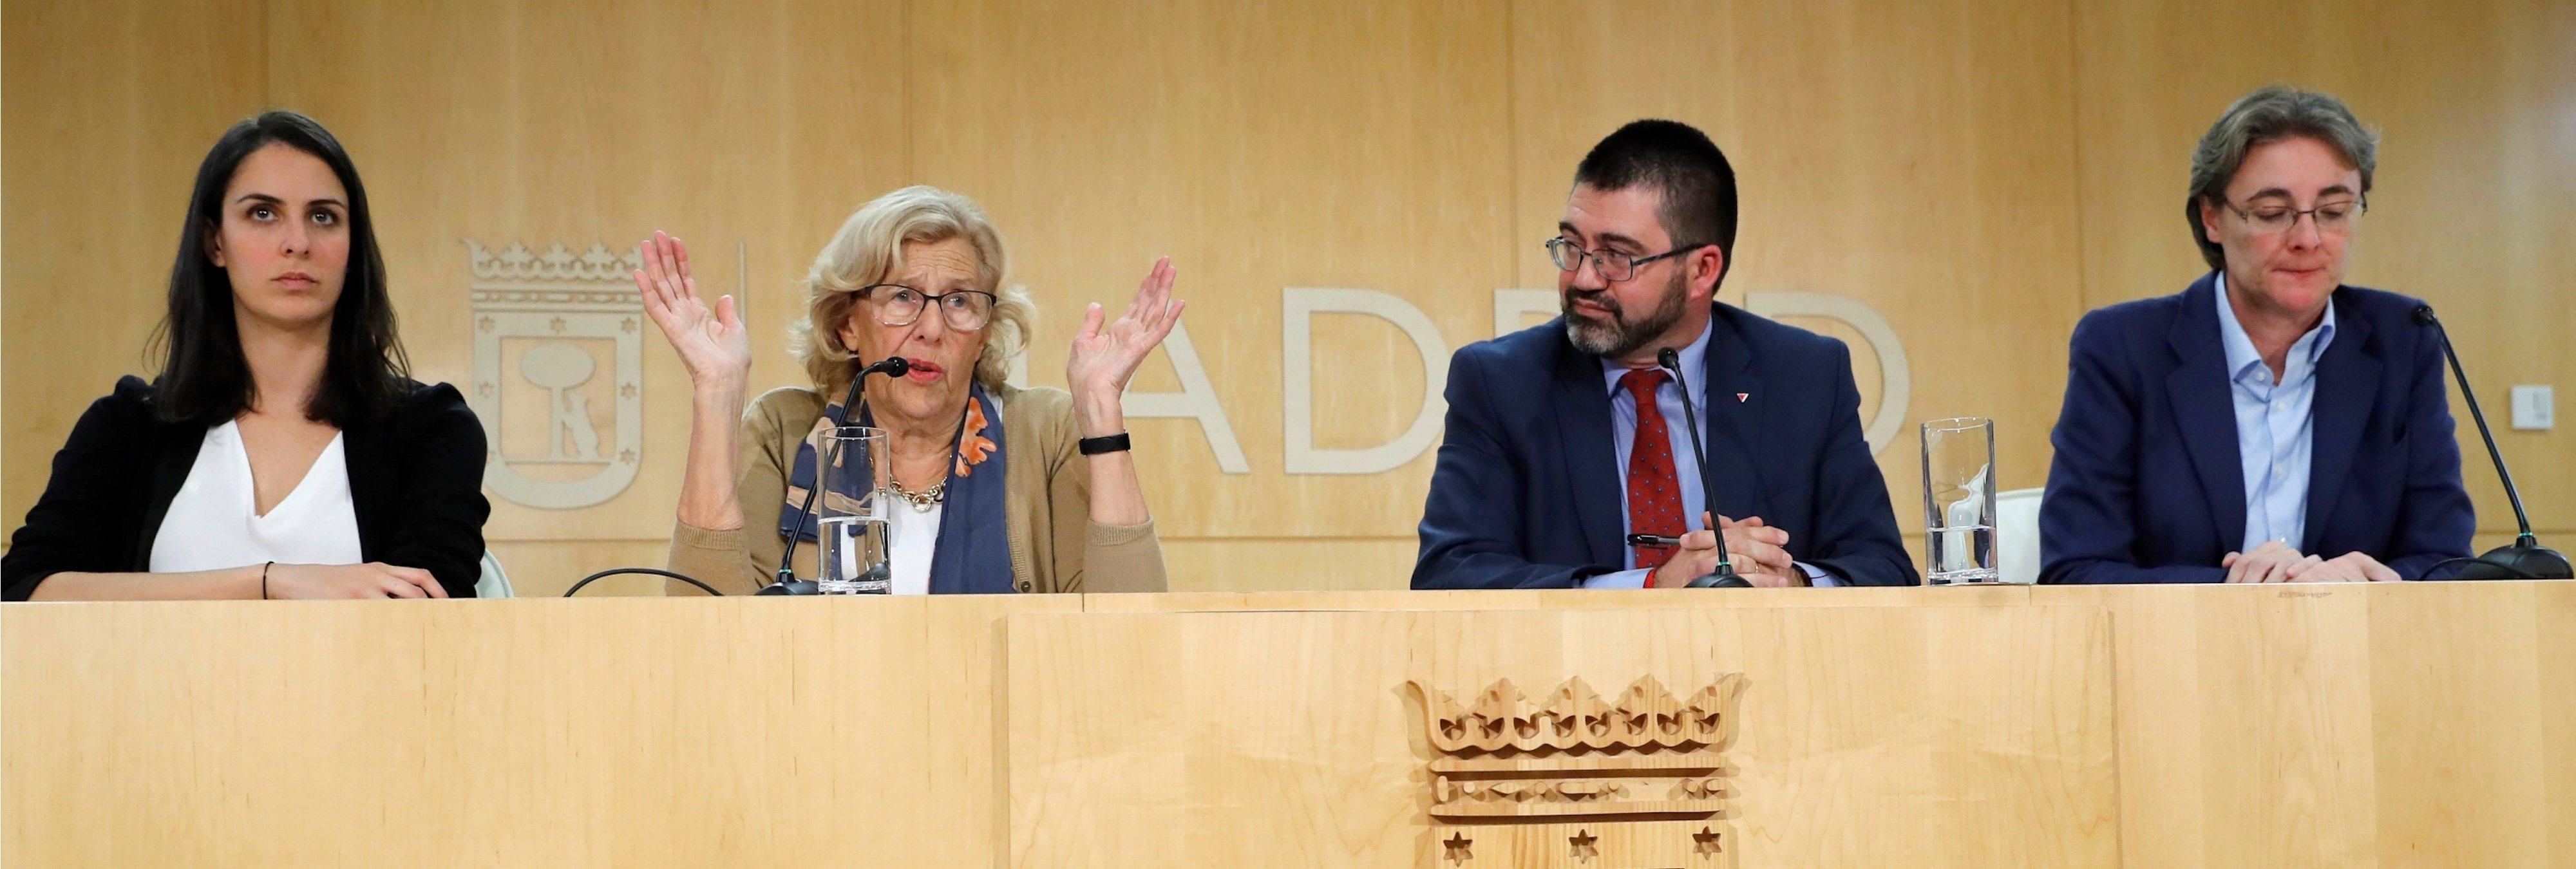 Carmena cerró 2018 con 728 millones menos de deuda y 1.072 millones de superávit